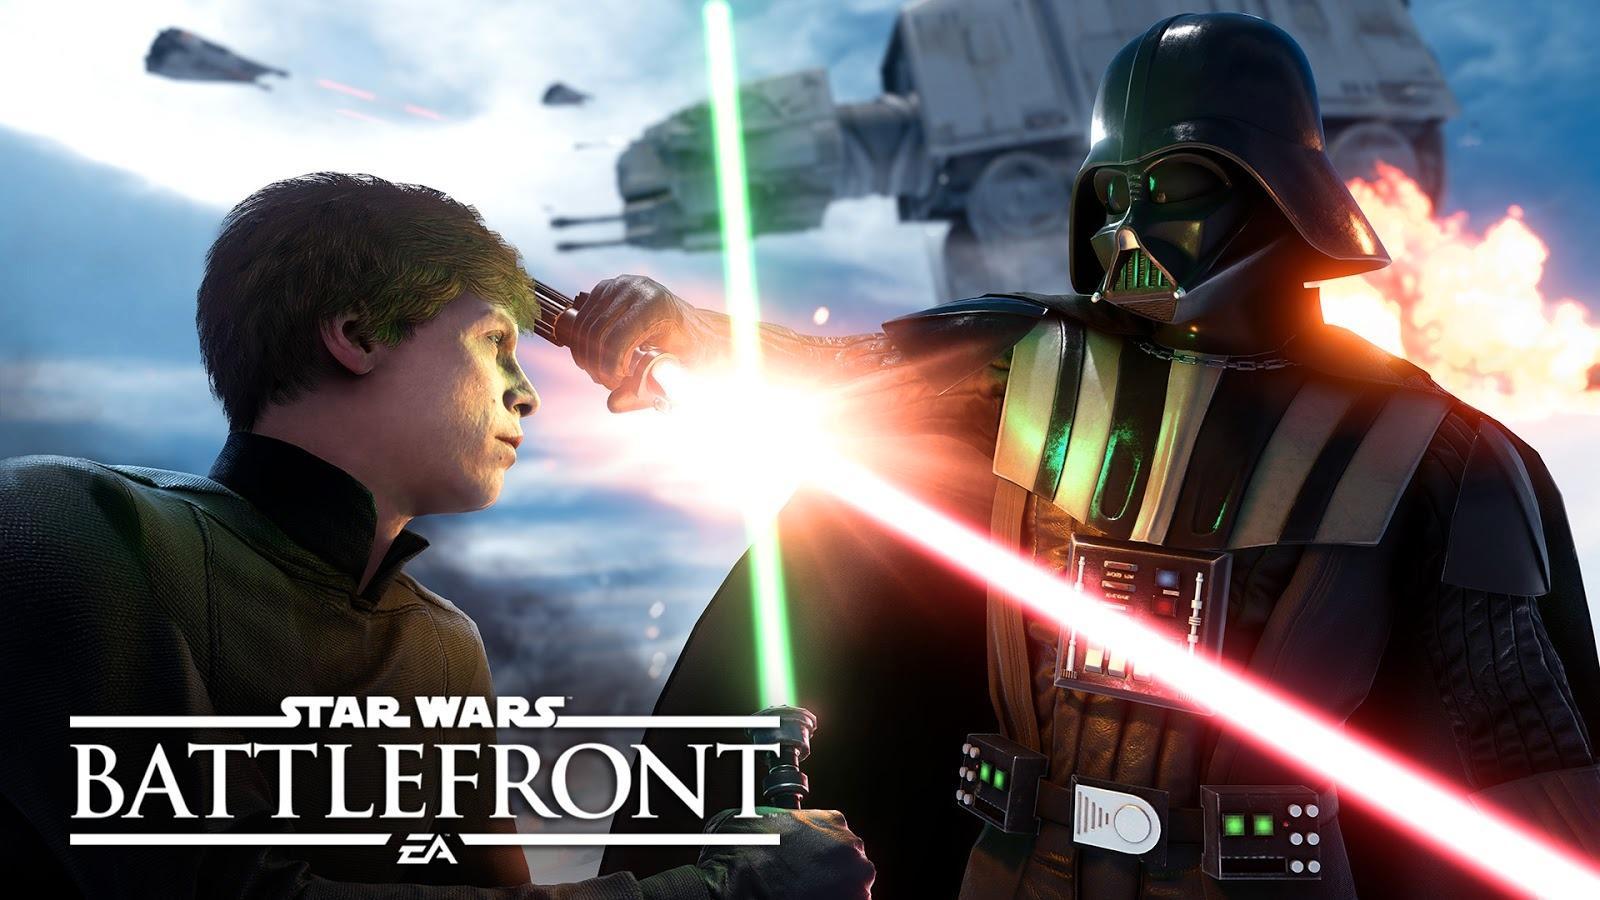 Hva med rødt lys hvis du er Darth, grønt hvis du er Luke? Ikke veldig nyttig, men om ikke annet hadde det jo vært litt gøy. Foto: EA Games